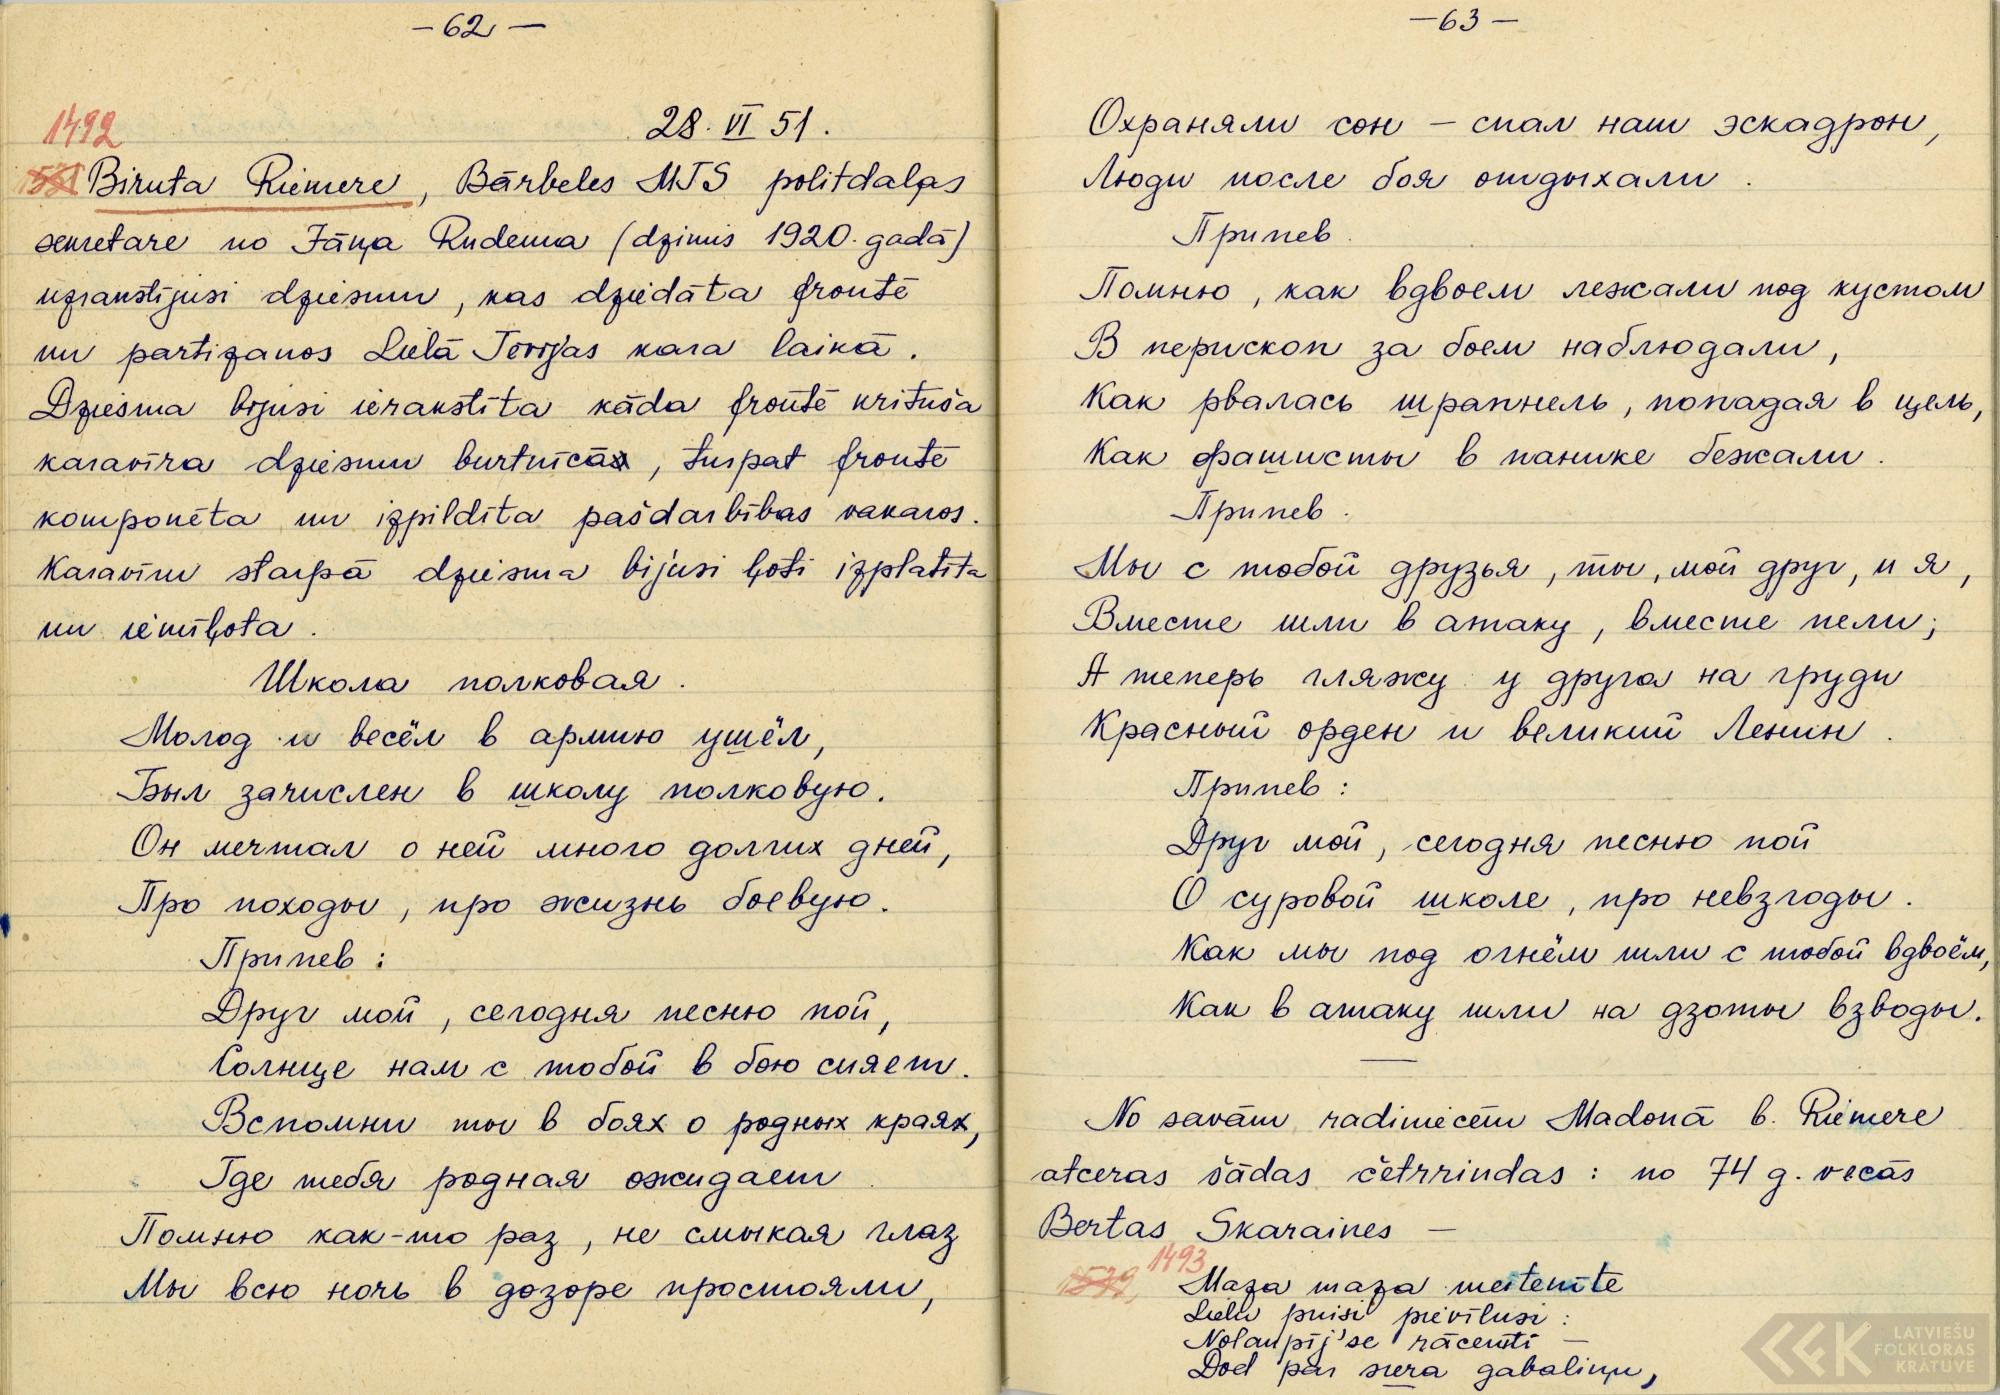 1880-zinatniska-ekspedicija-Bauska-05-0033